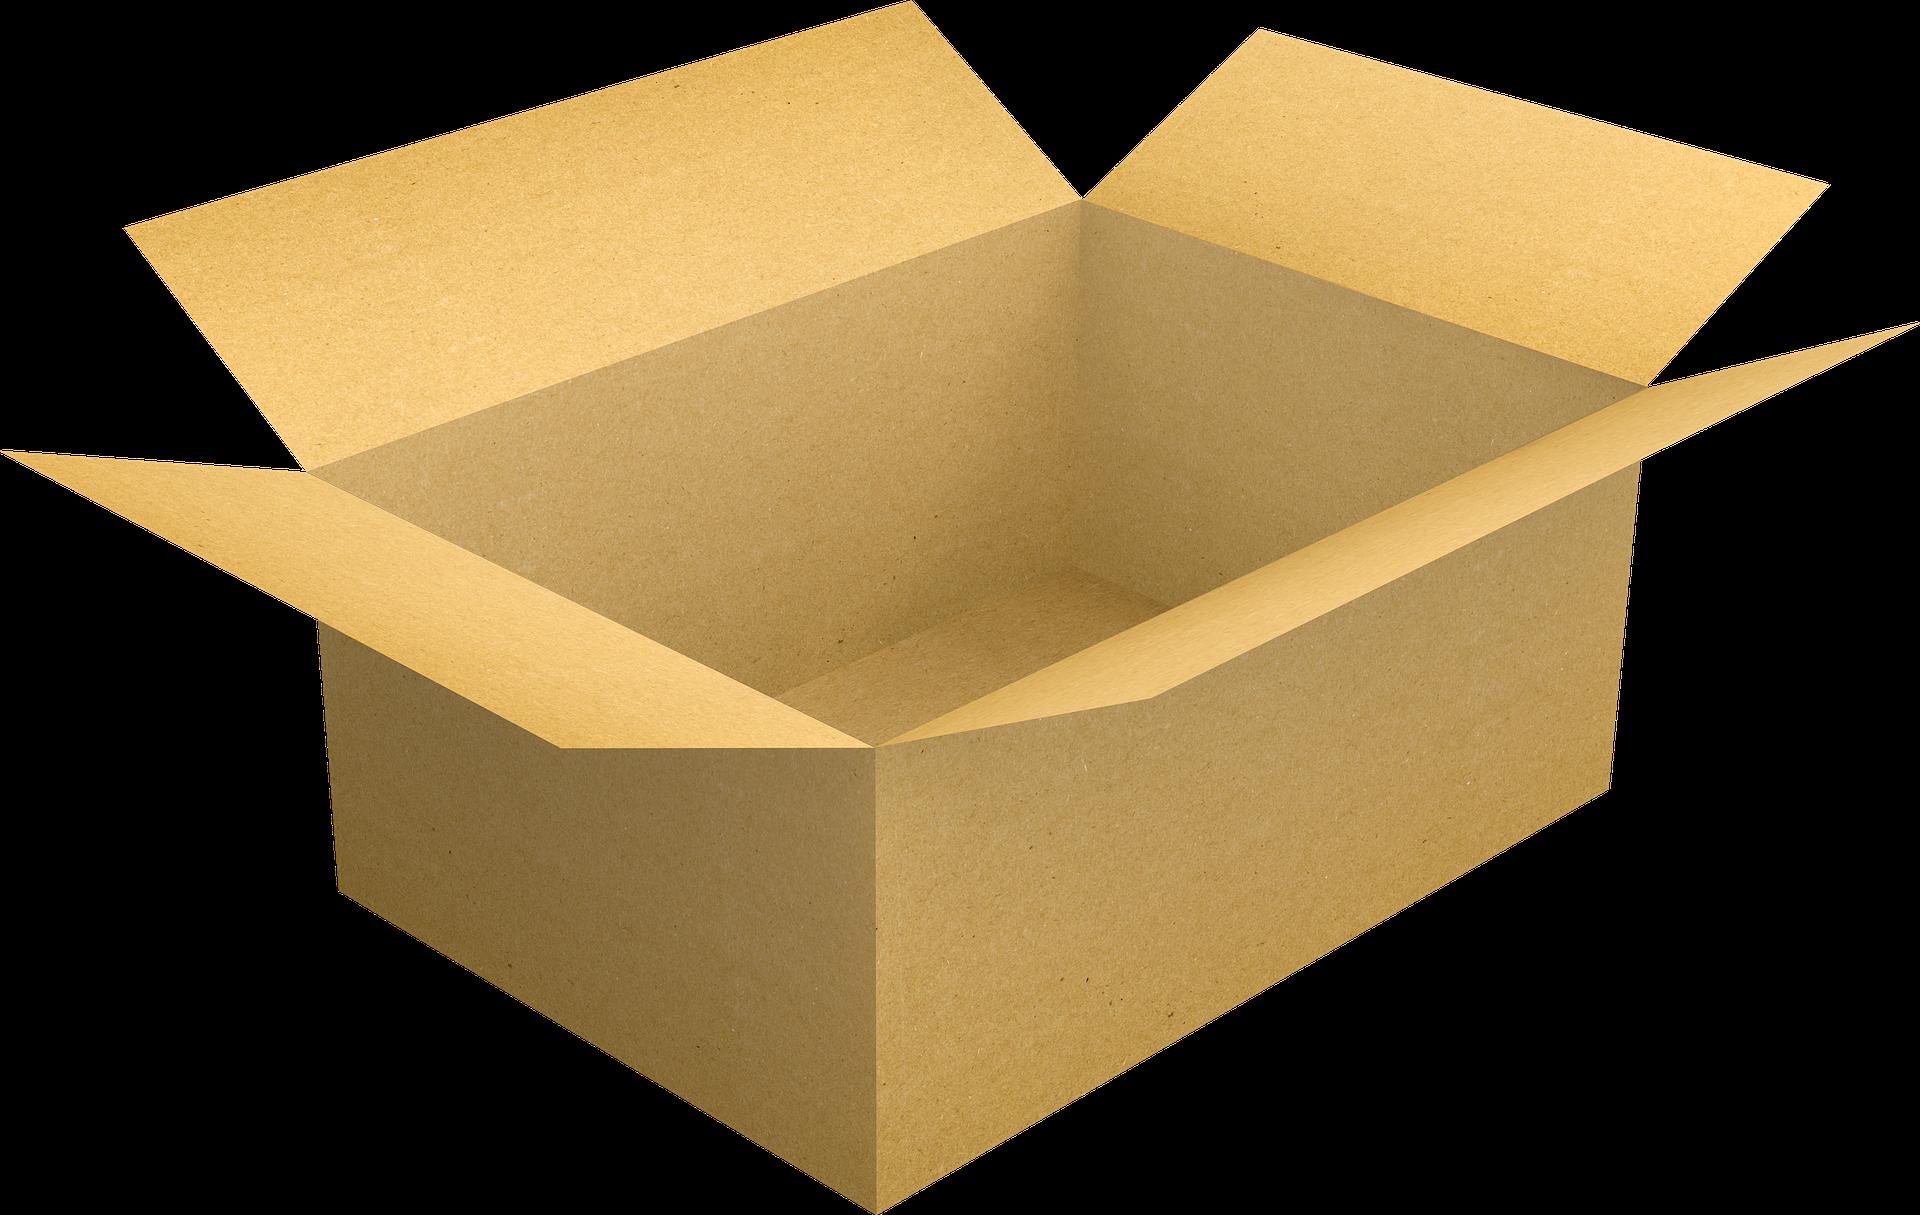 Vypůjčení dodávky dle vlastních potřeb